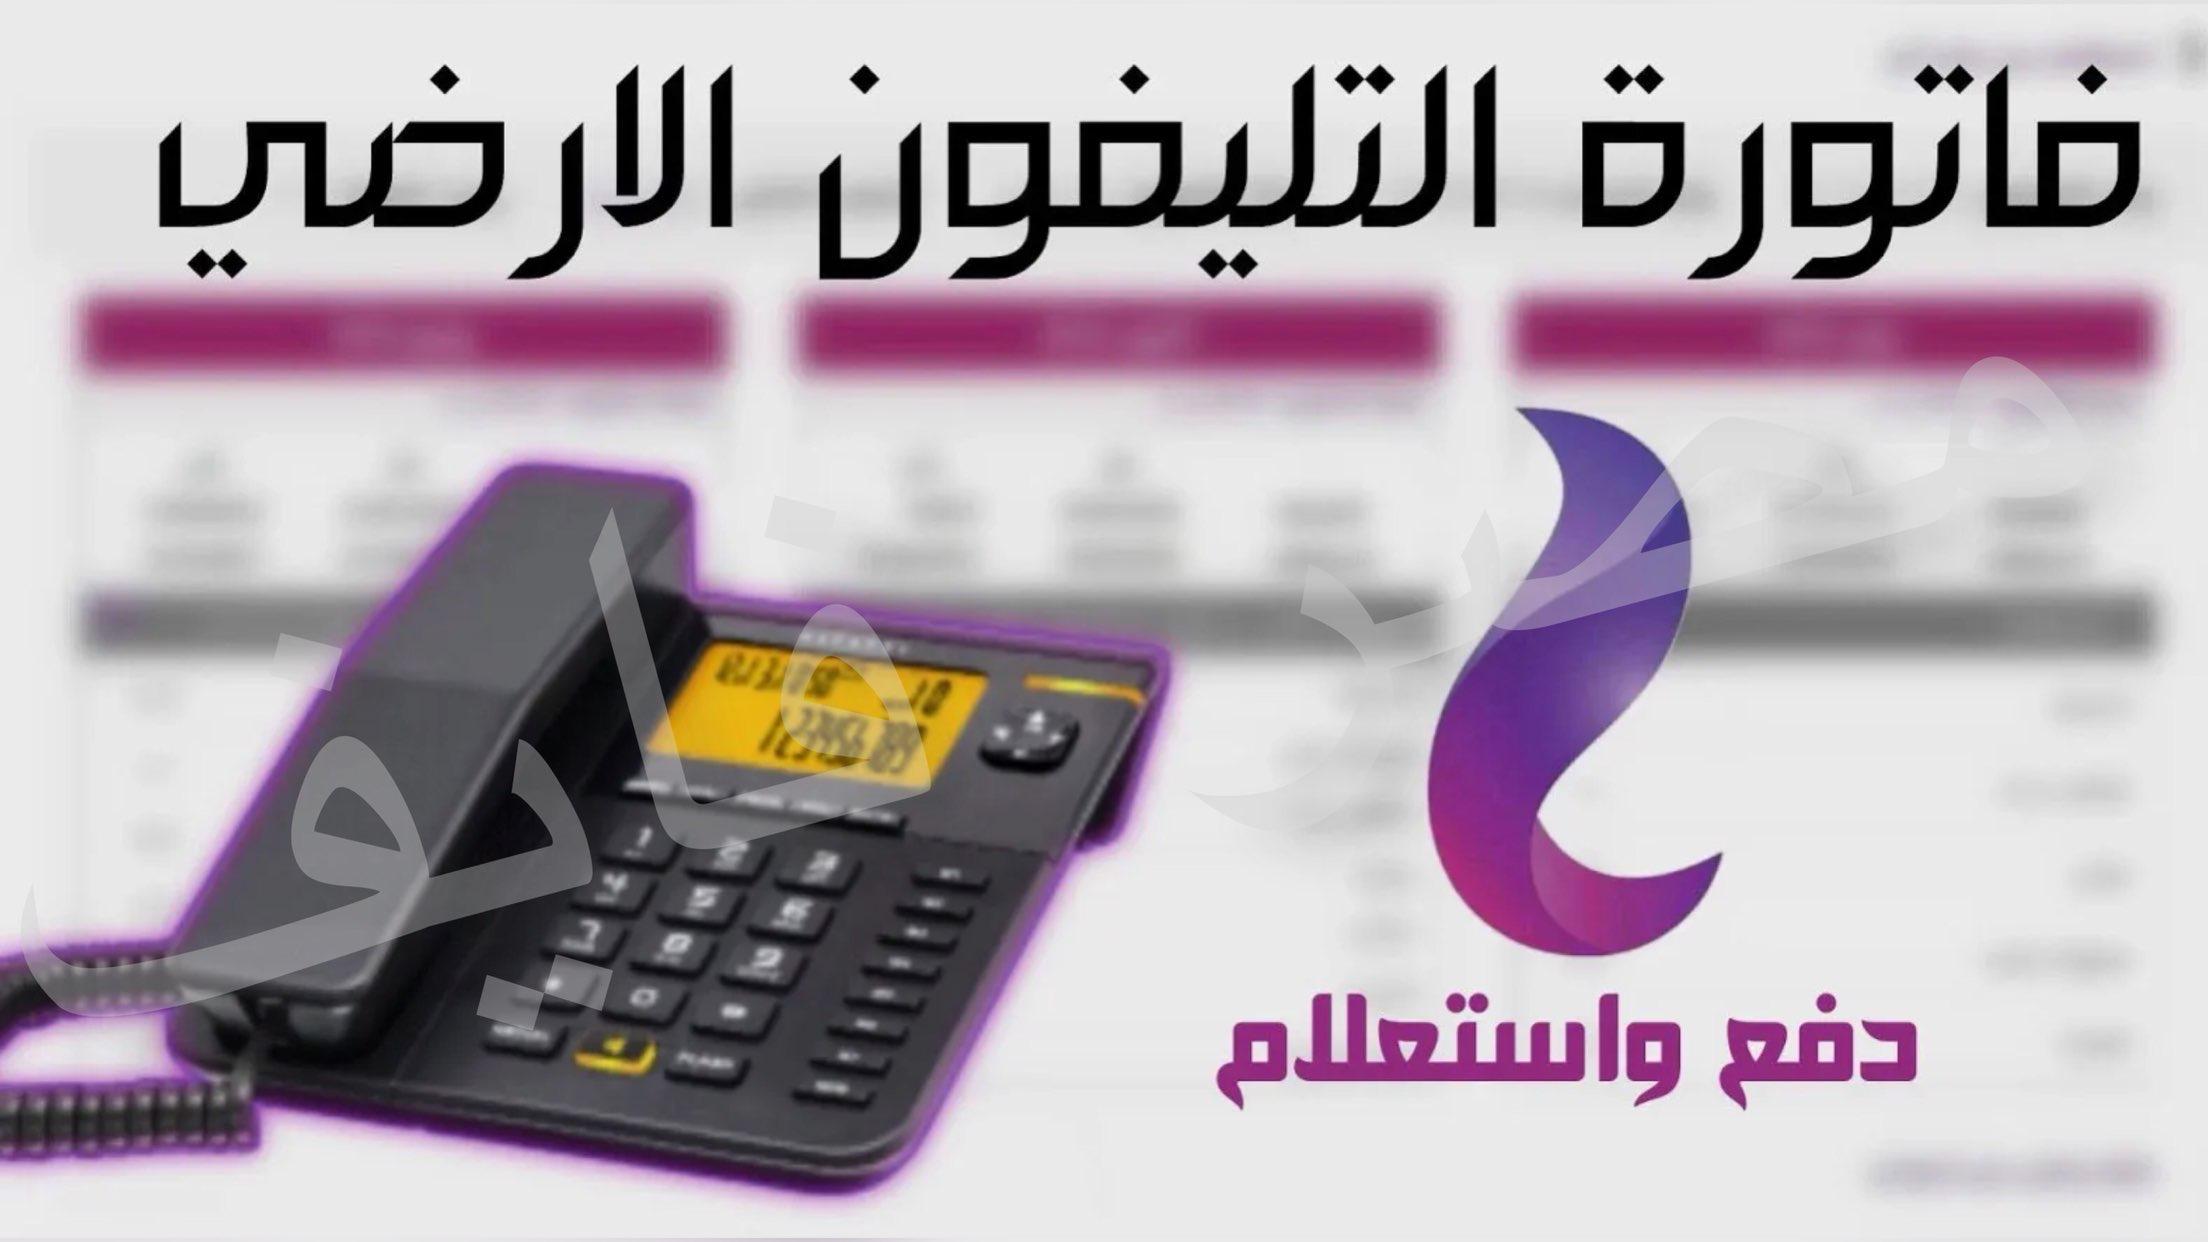 تفاصيل الاستعلام عن فاتورة التليفون الارضي 2021 بالاسم والرقم